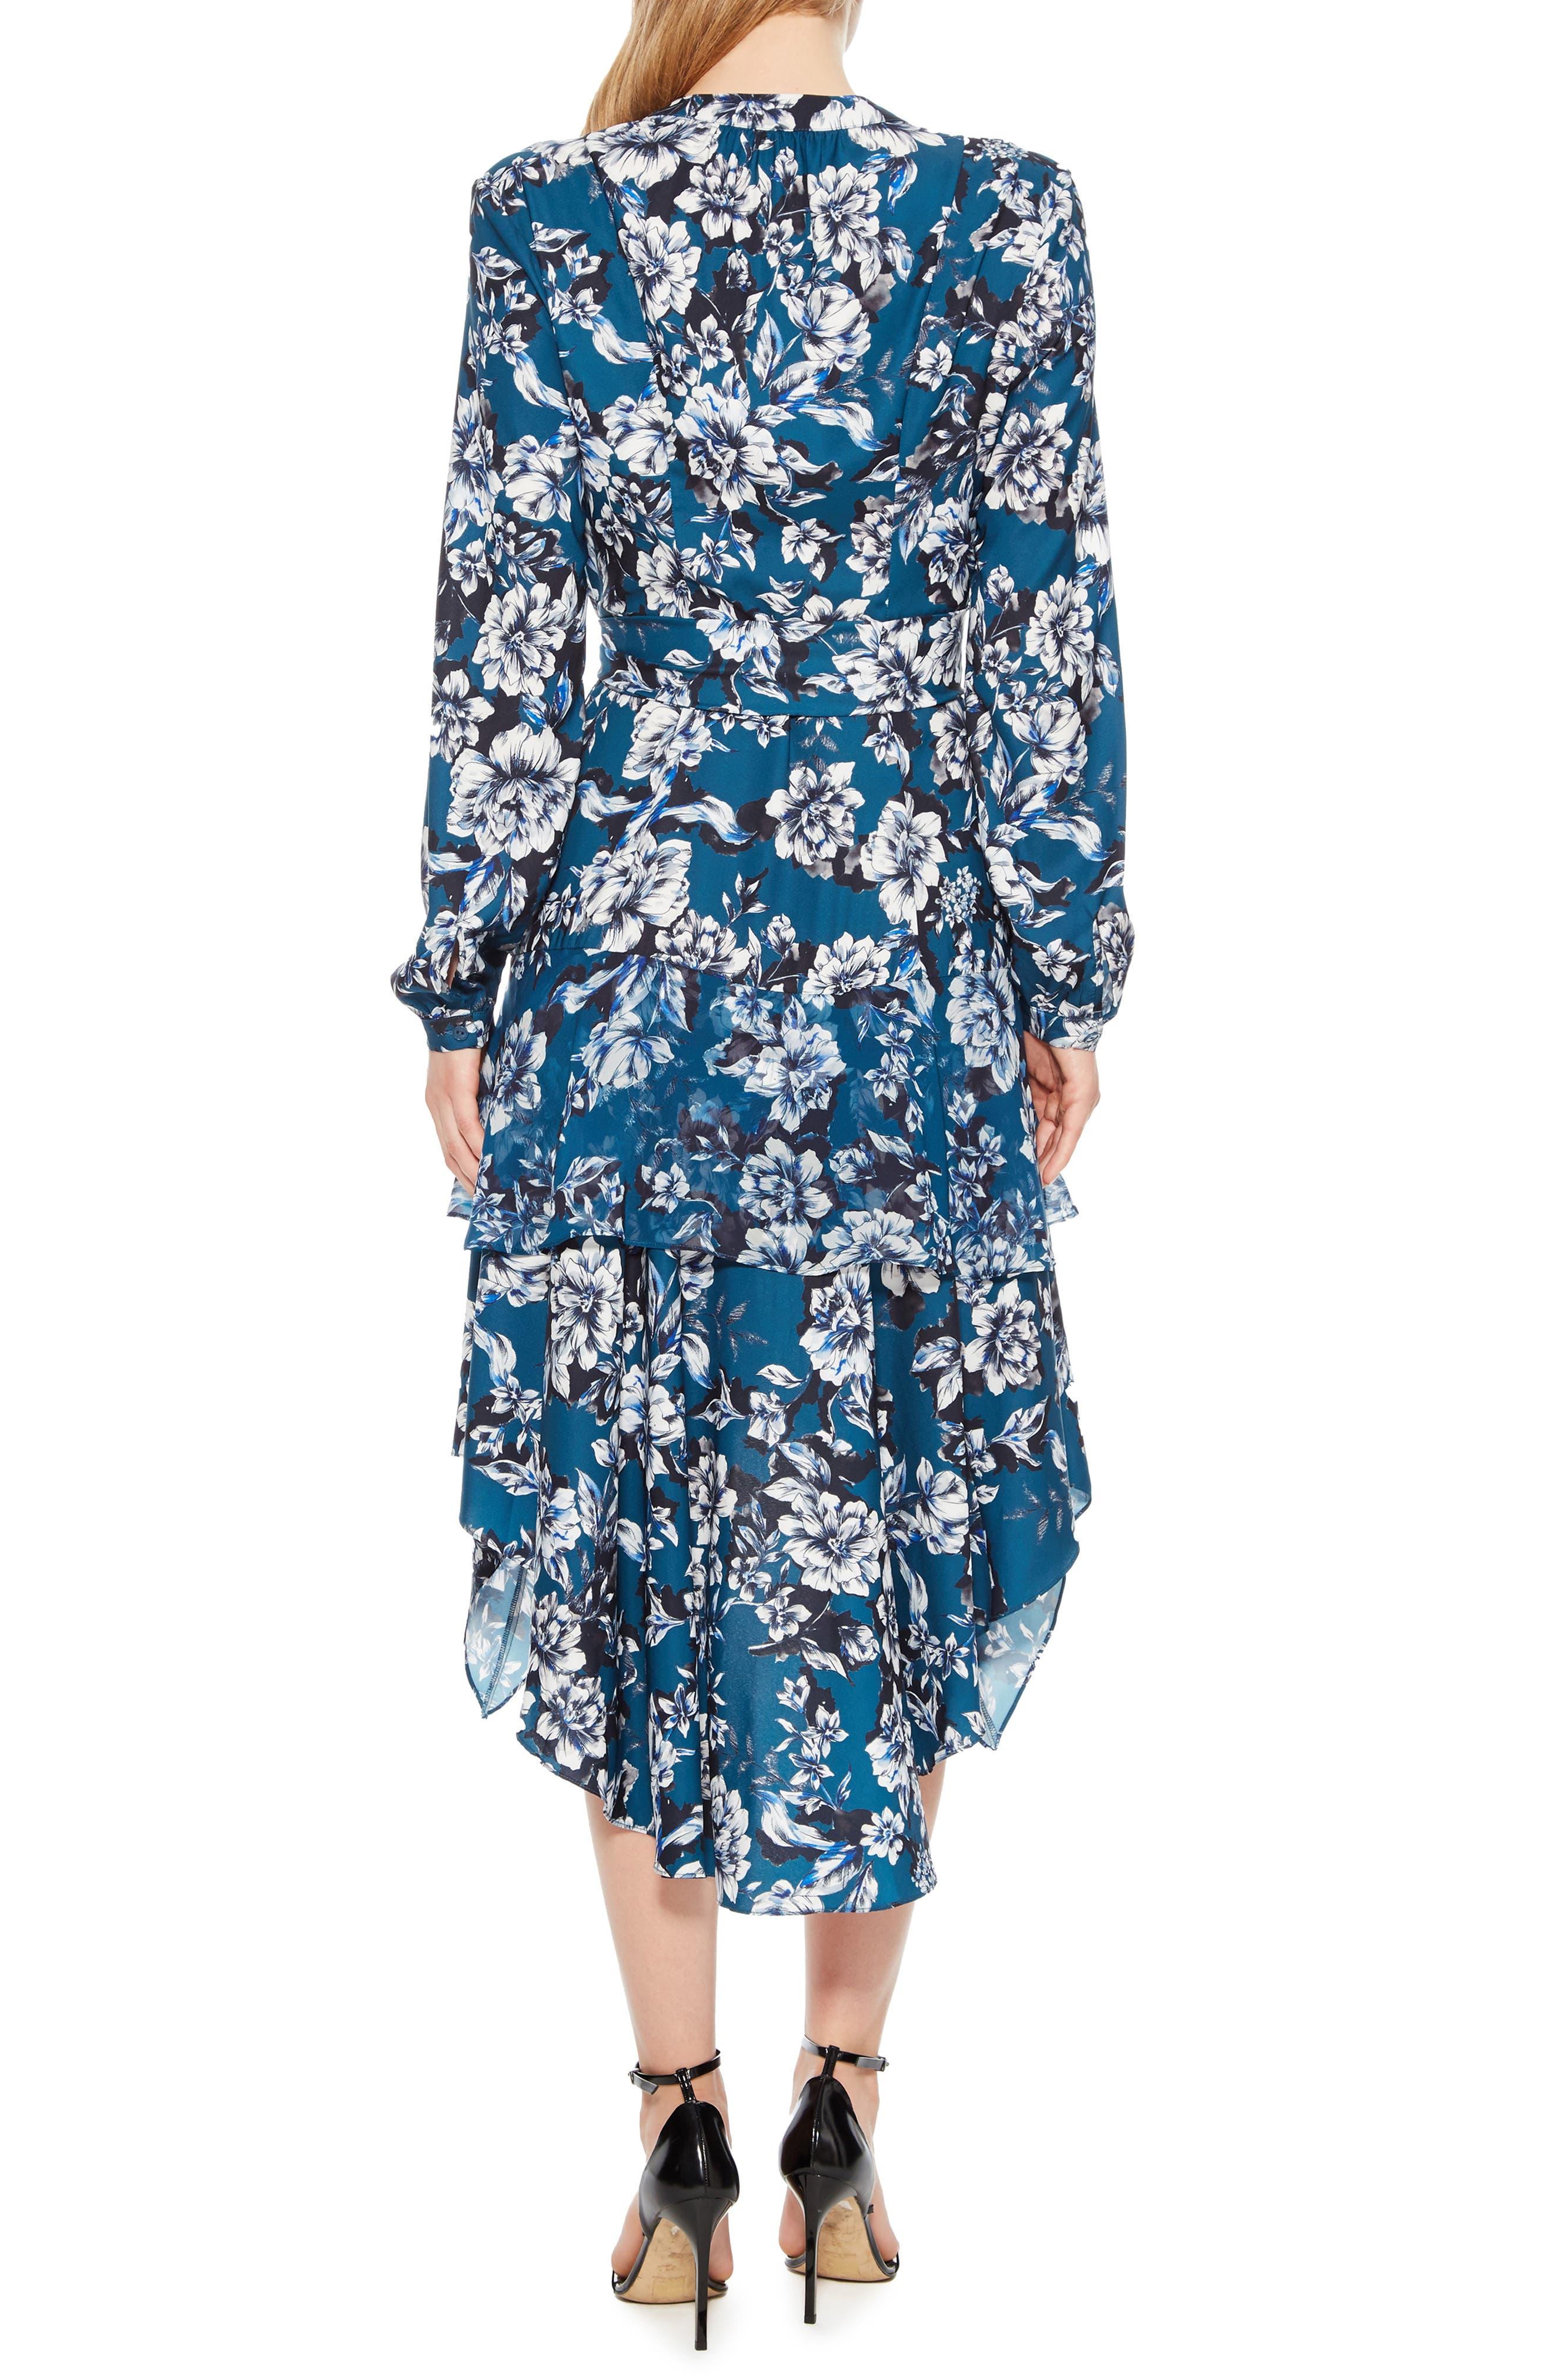 Estella Asymmetrical Floral Shirtdress,                             Alternate thumbnail 2, color,                             EVERGLADE GARDENS